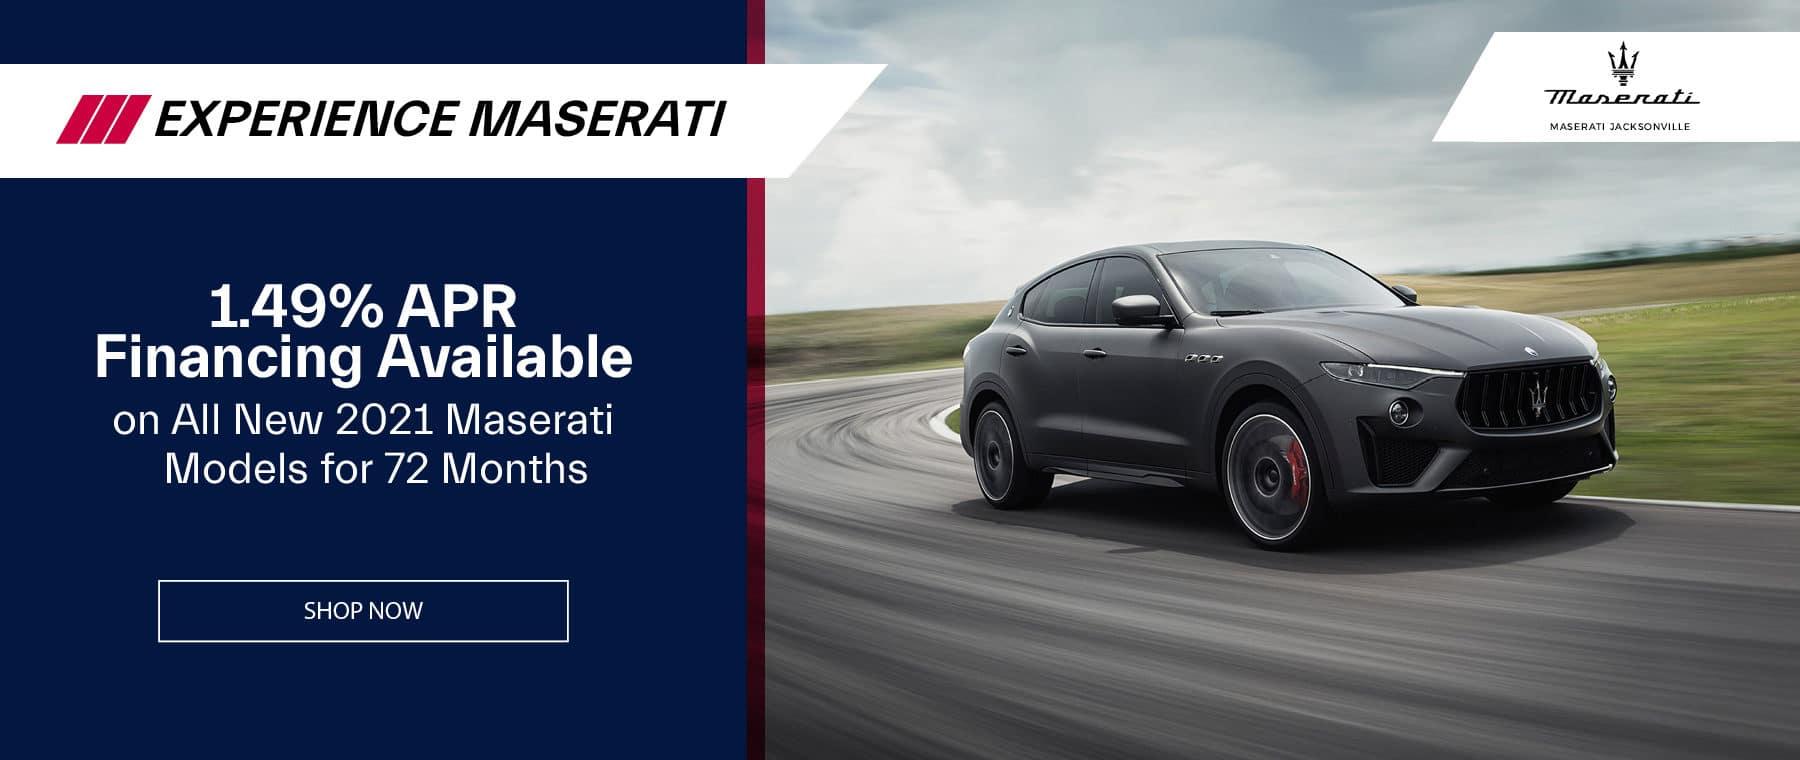 gray 2021 Maserati Levante on open road